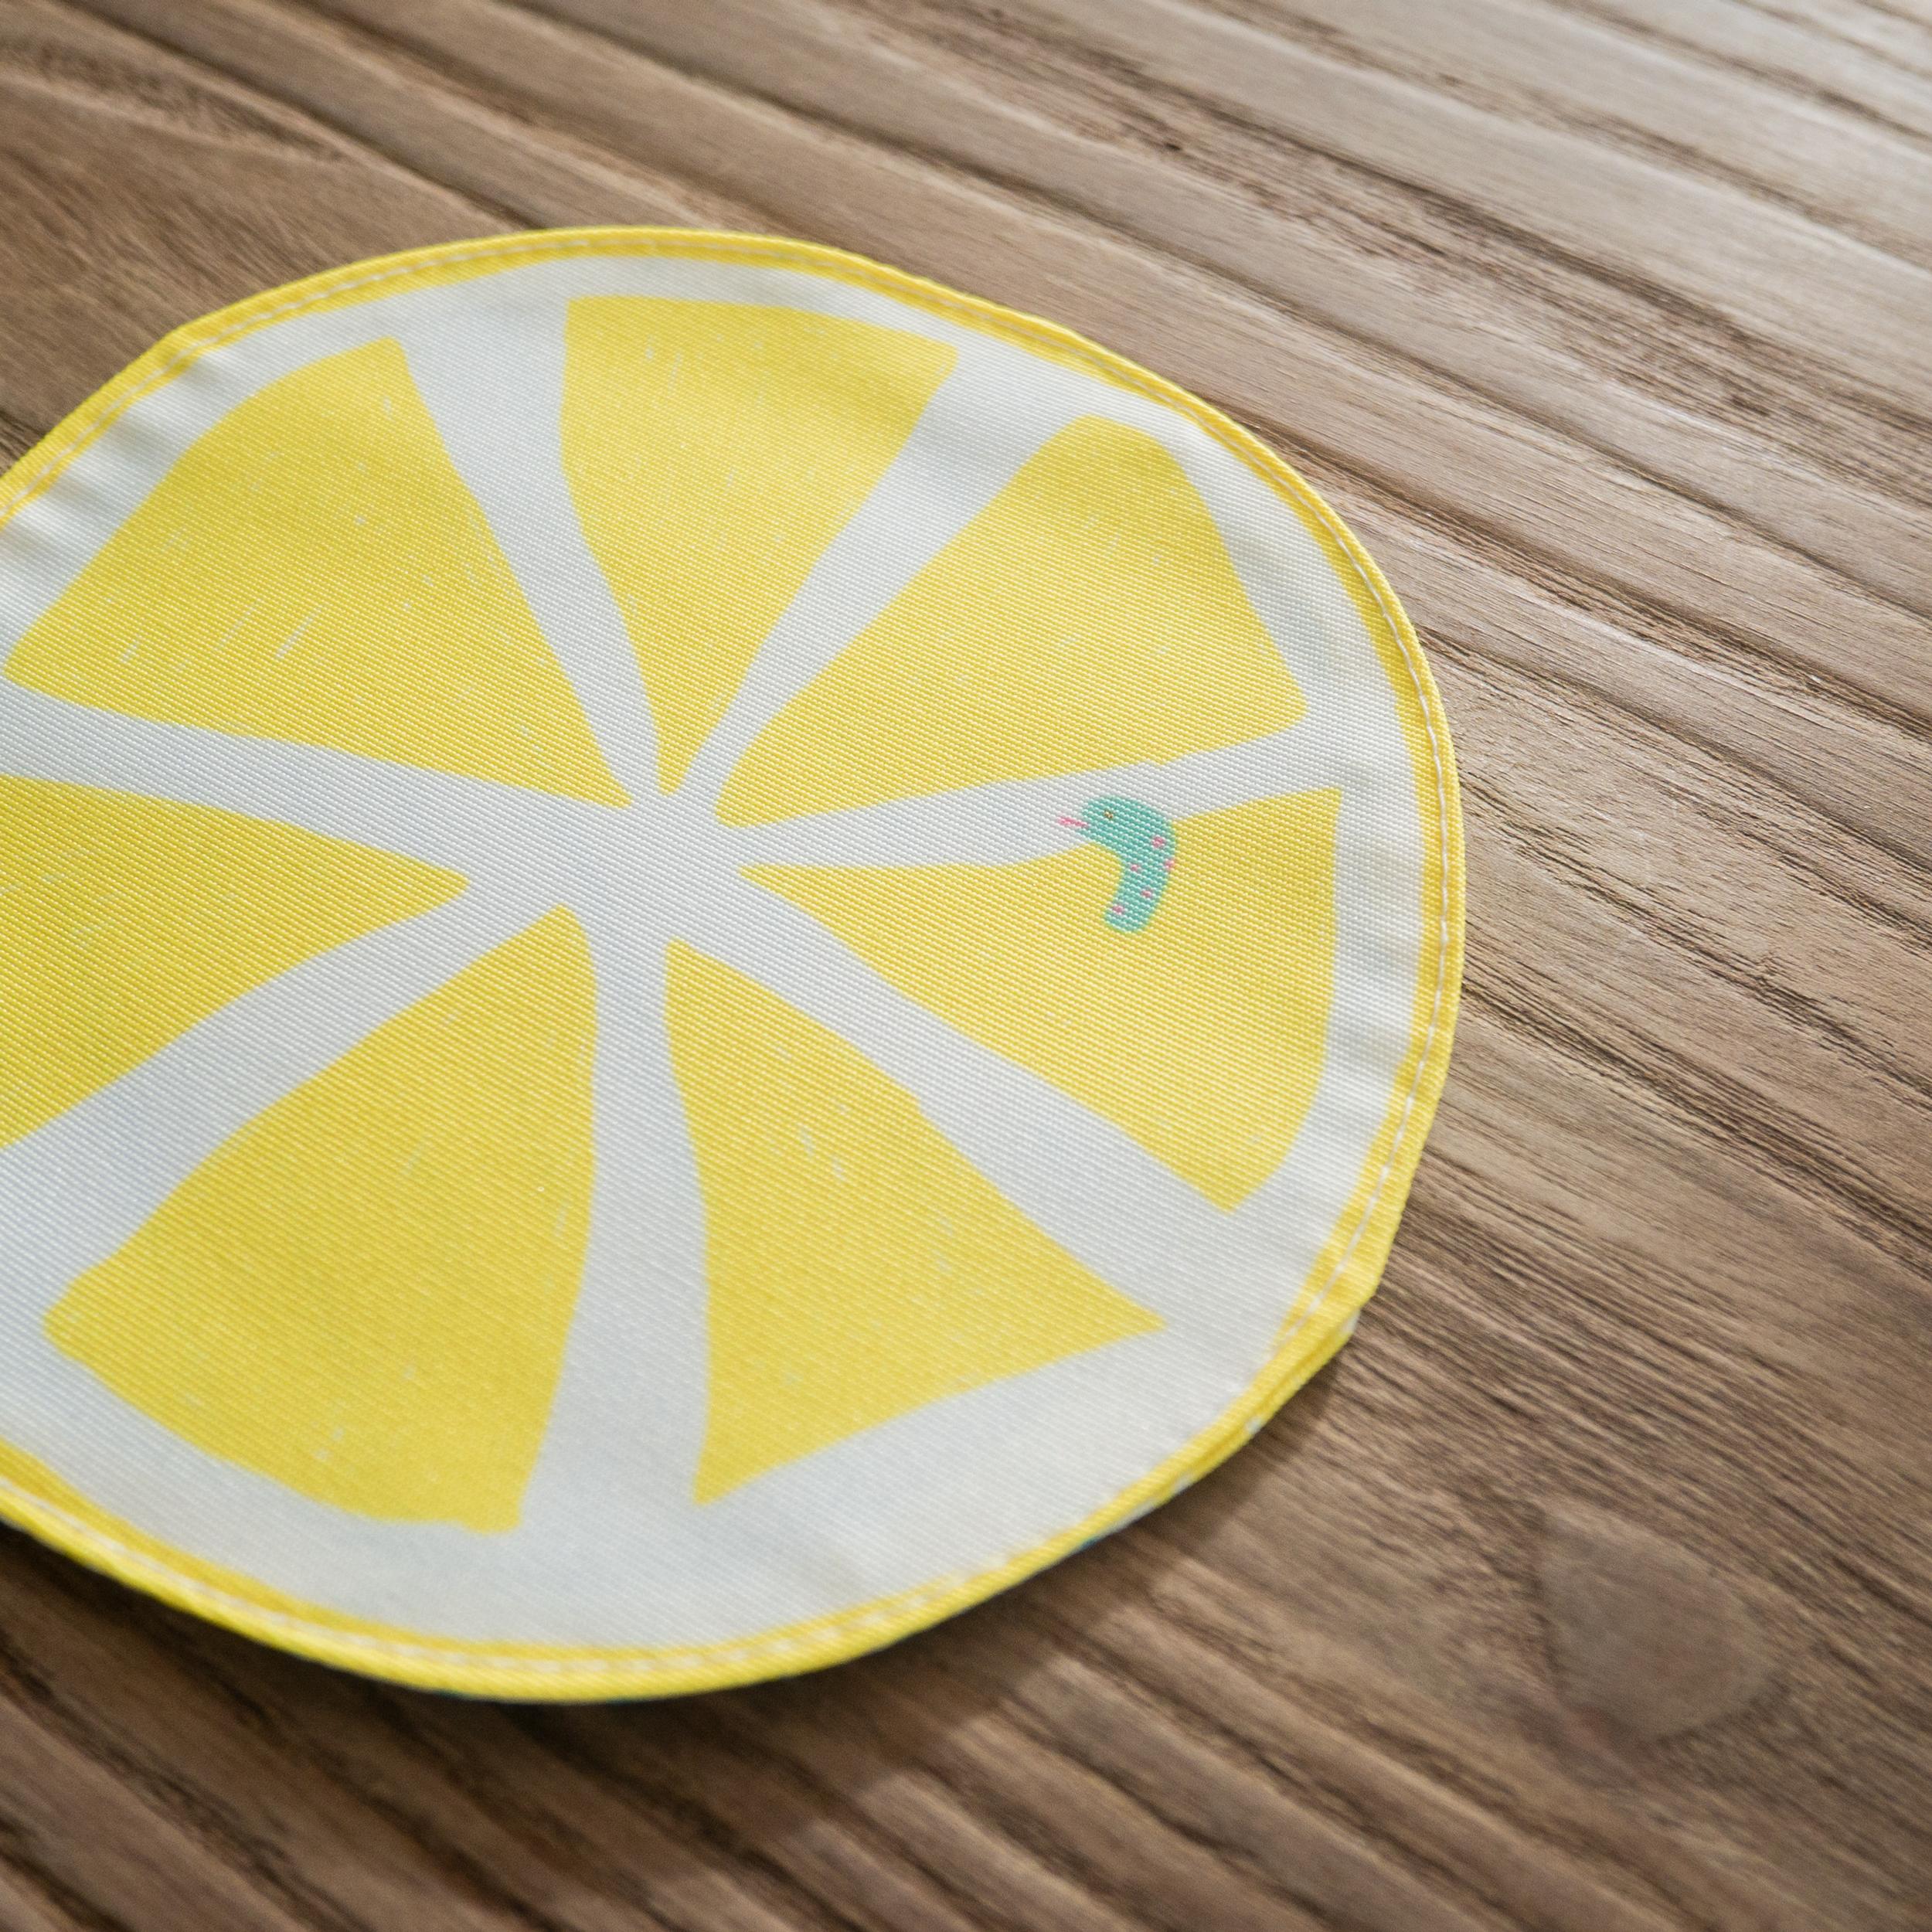 コースター 爽やかレモン